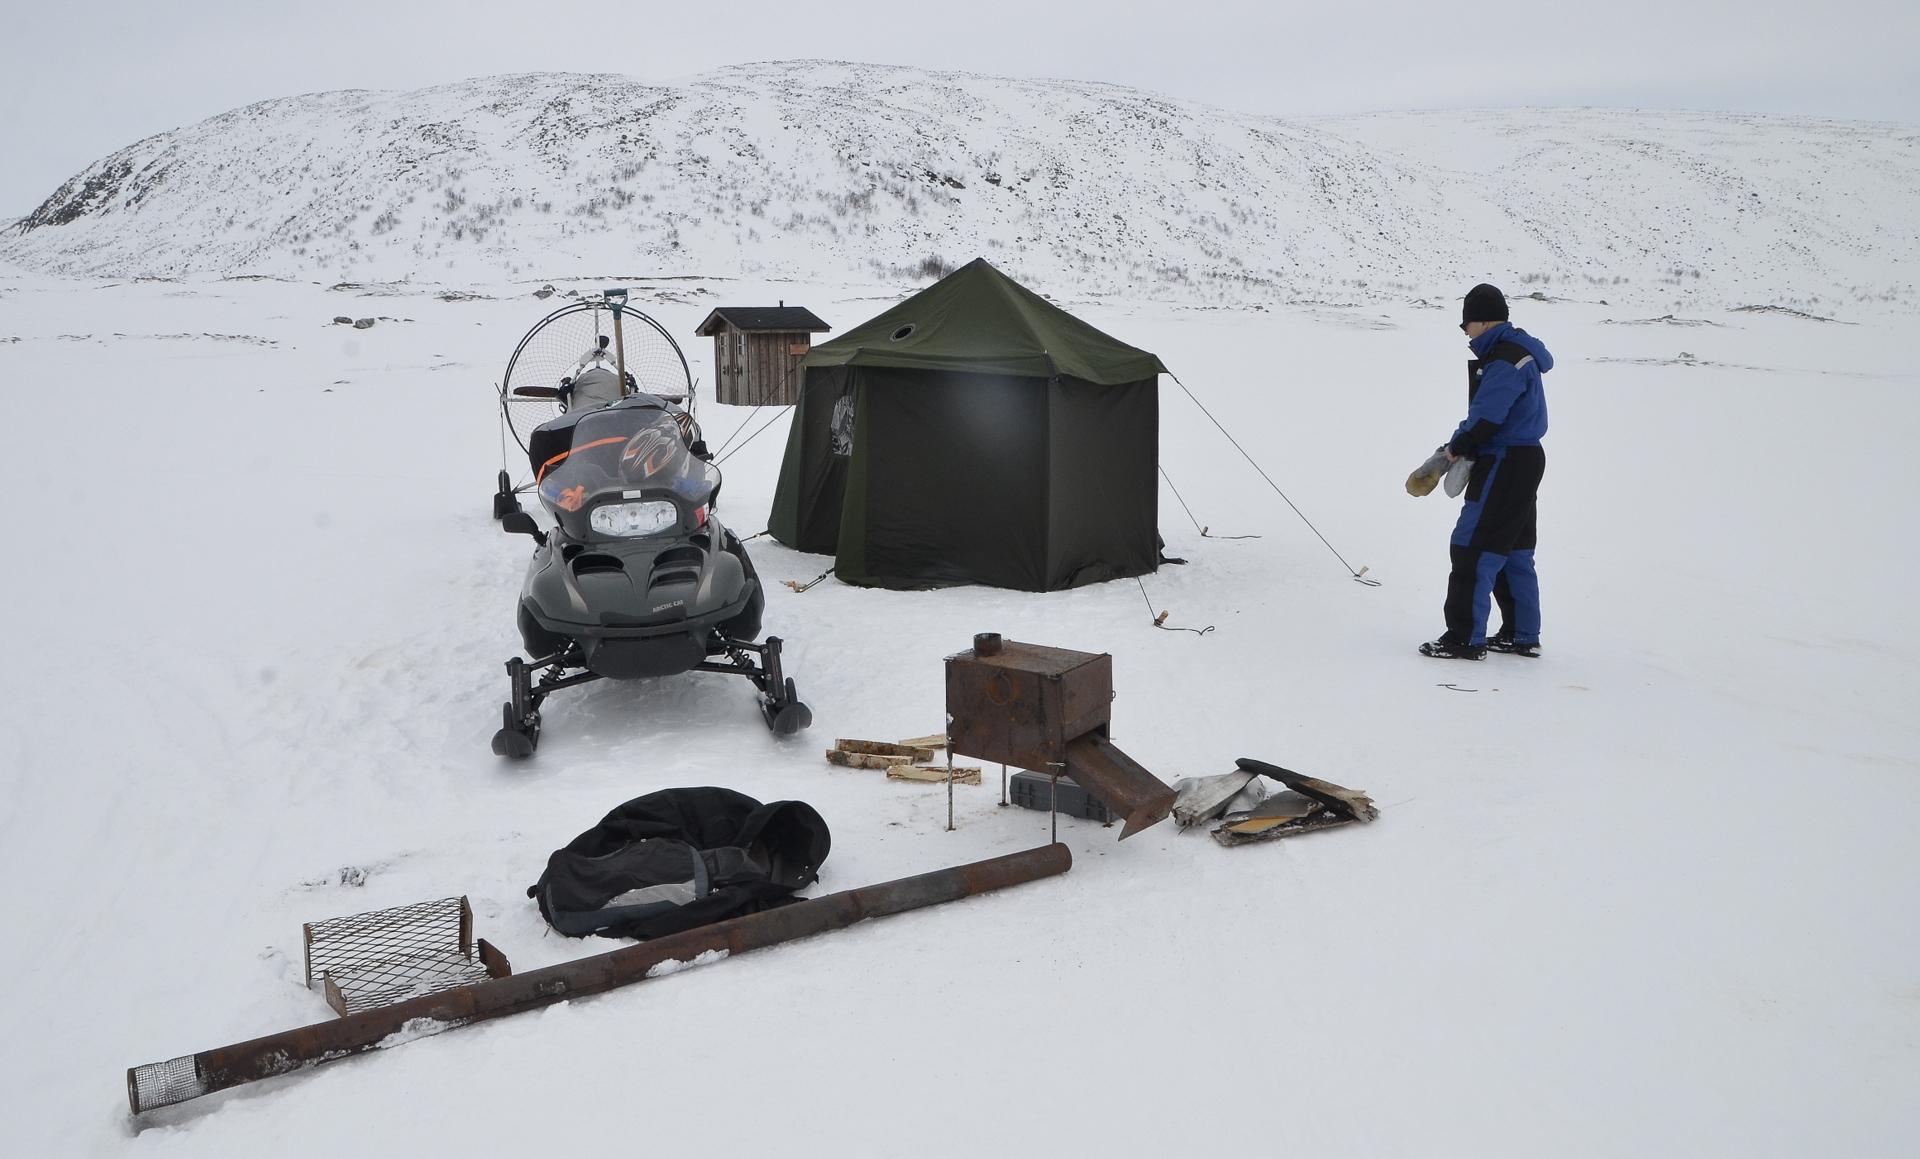 Autiotuvan puoli oli tyhjillään mutta varauspuolella oli asukkaat. Me pystytettiin paikalle oma teltta.